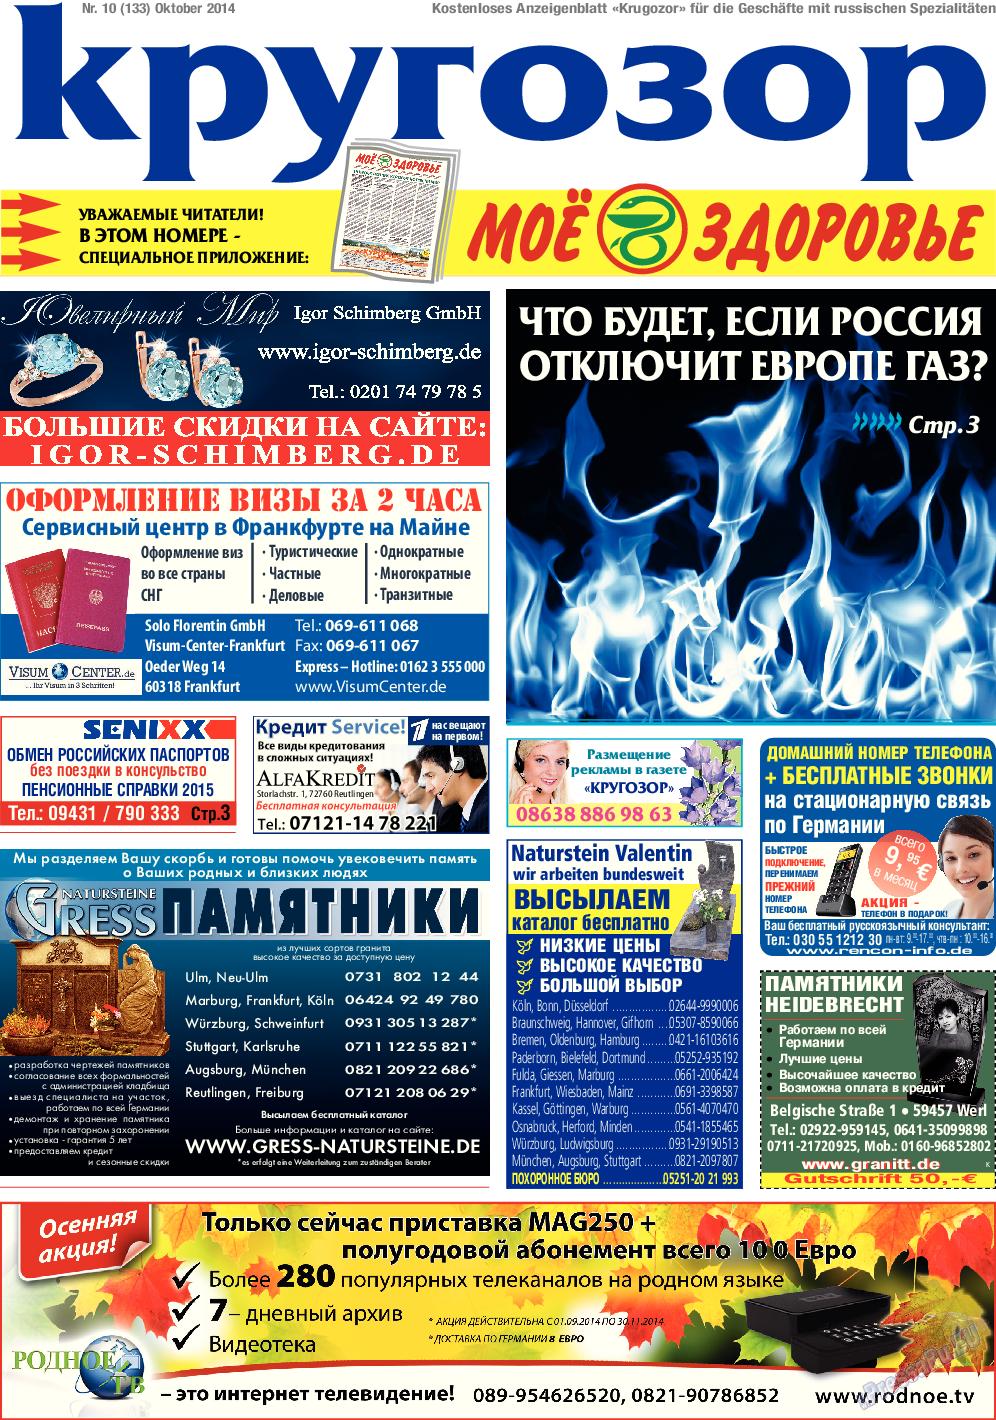 Кругозор (газета). 2014 год, номер 10, стр. 1